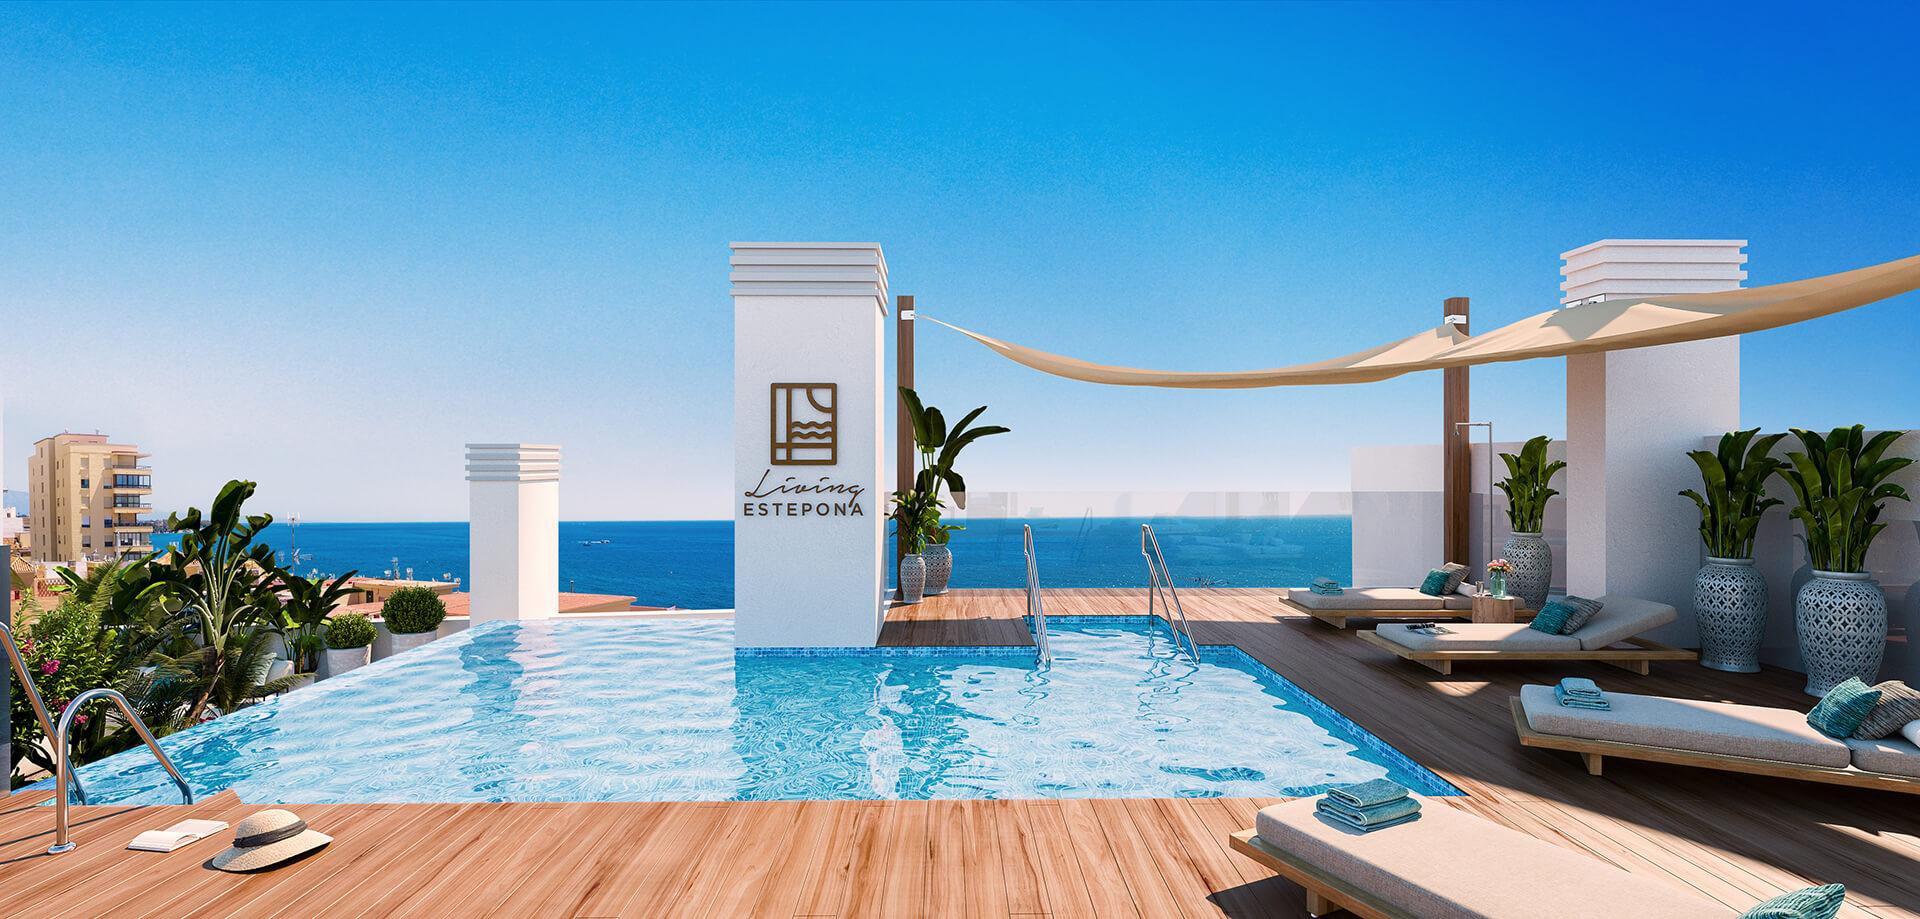 Nieuwe moderne strandappartementen te koop in Estepona